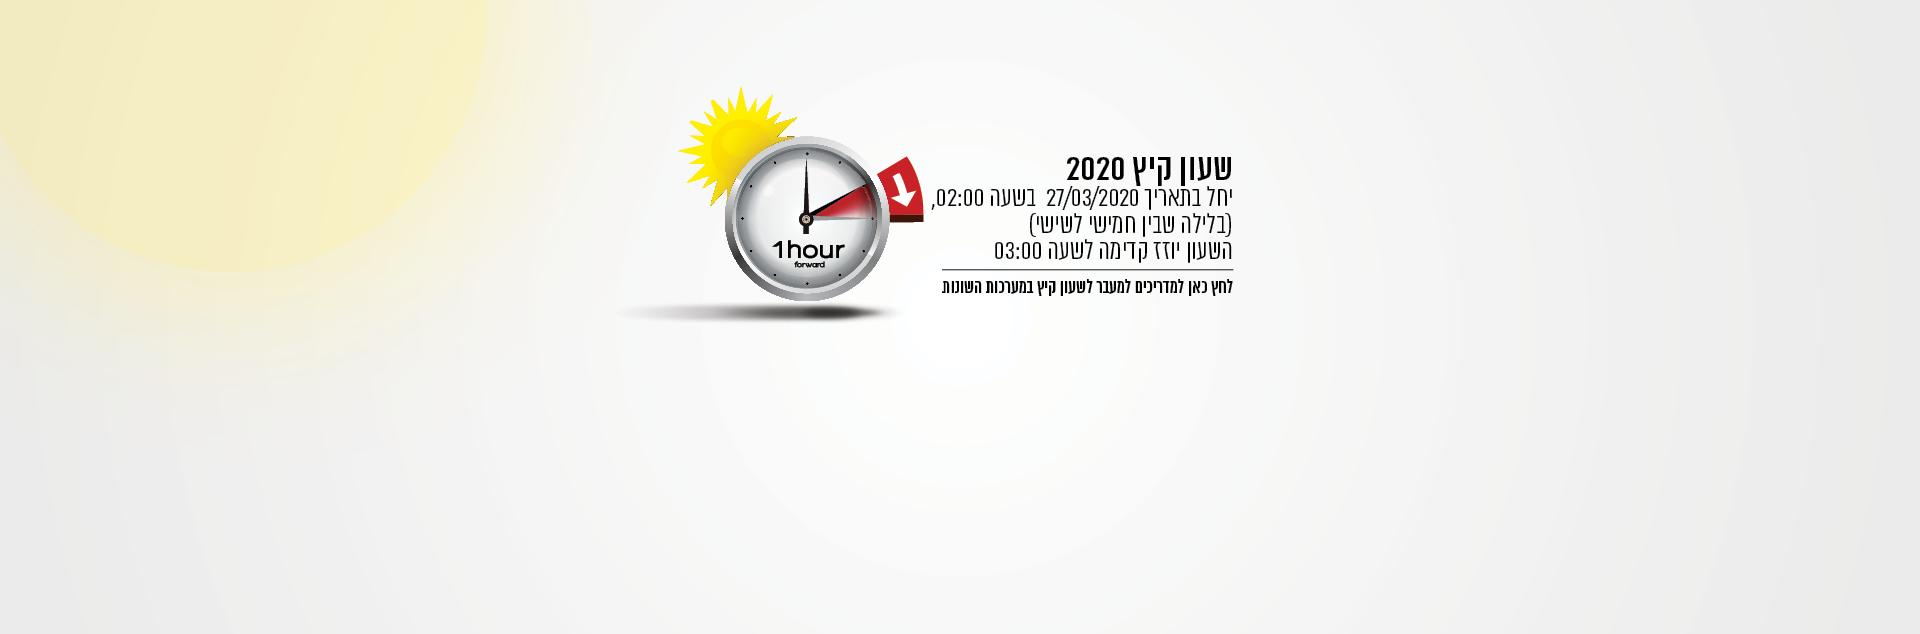 באנר שעון קיץ 2020 סינאל